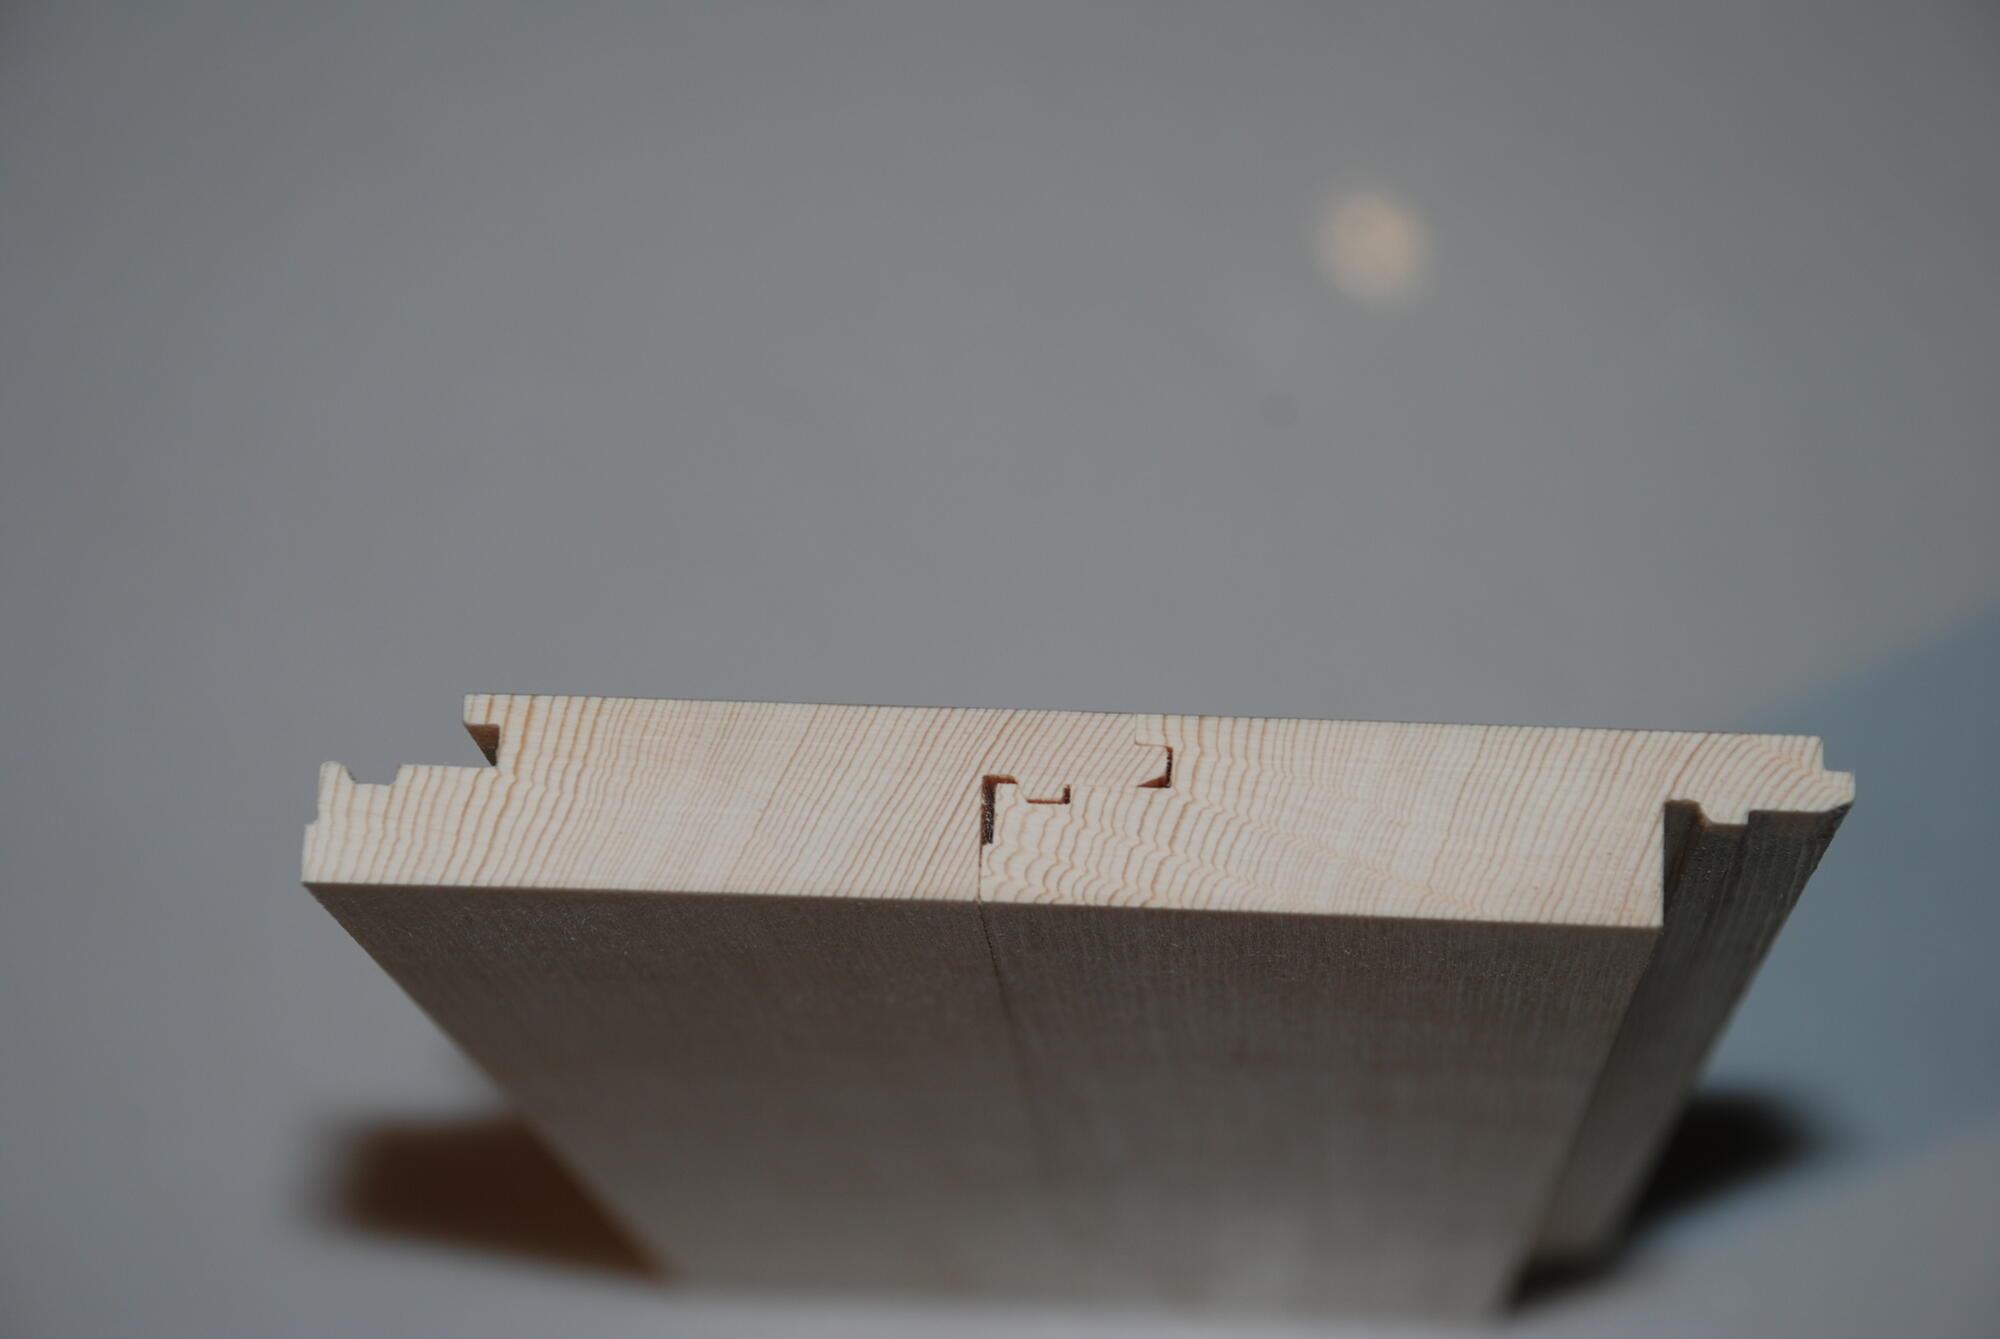 Die patentierte Klickverbindung wird für verschiedenste, leimfreie Massivholzplatten eingesetzt. Die Genauigkeit ist unter anderem, bei der Verbindung sehr entscheidend. Für das Funktionieren der Verbindung entscheiden ein par Hundertstel-Millimeter.